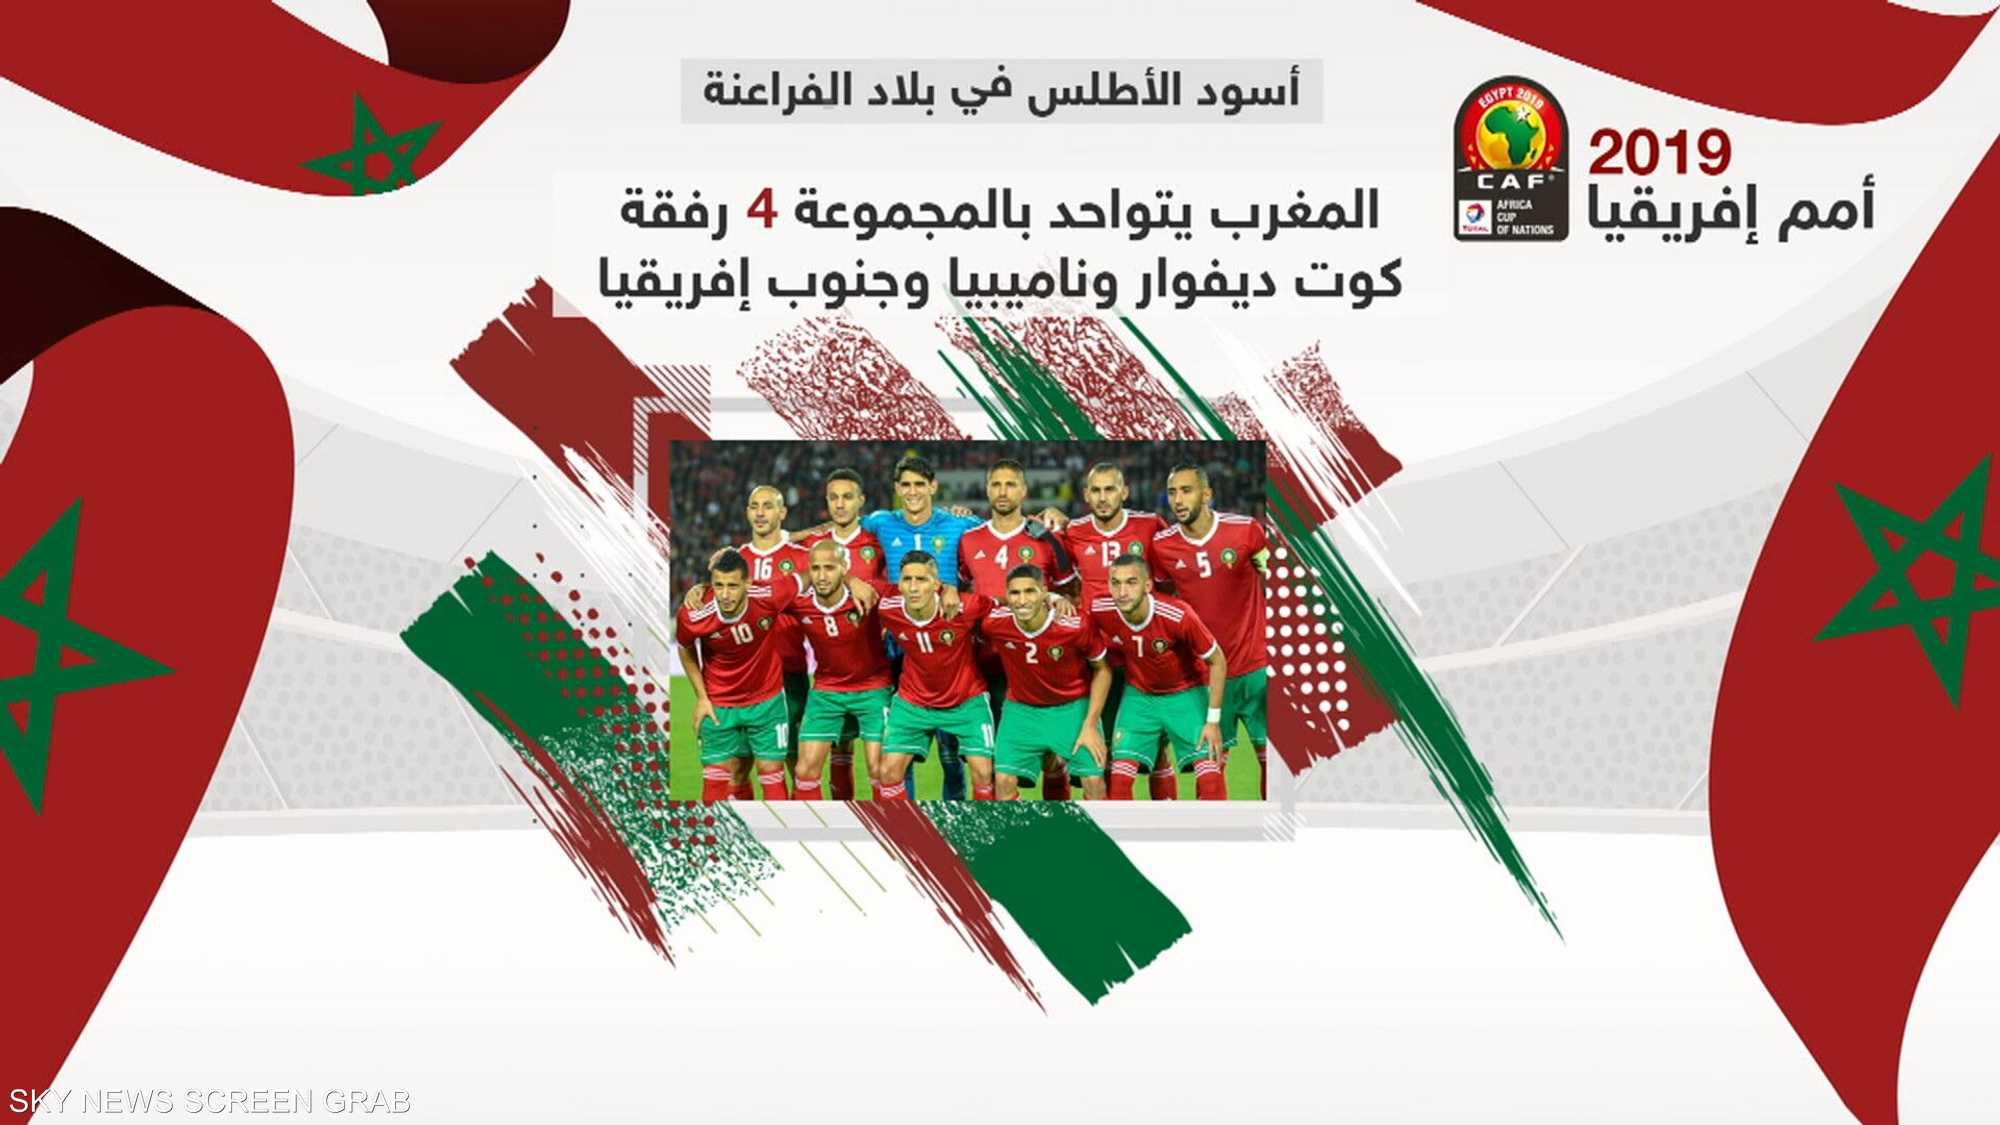 منتخب المغرب يواصل التحضيرات كأحد أقوى المرشحين للتتويج